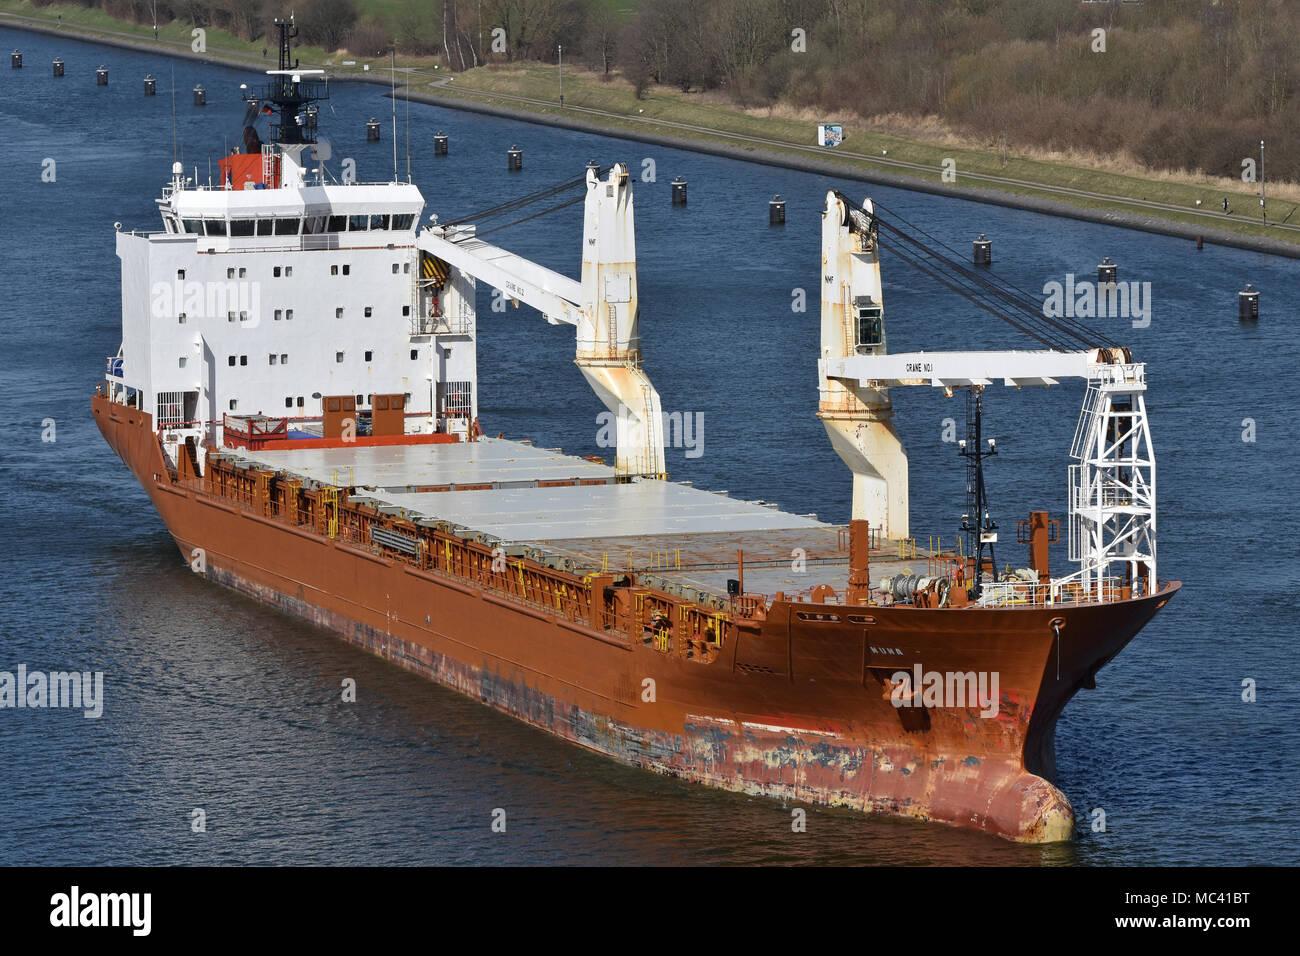 General Cargo Ship Nunalik - Stock Image